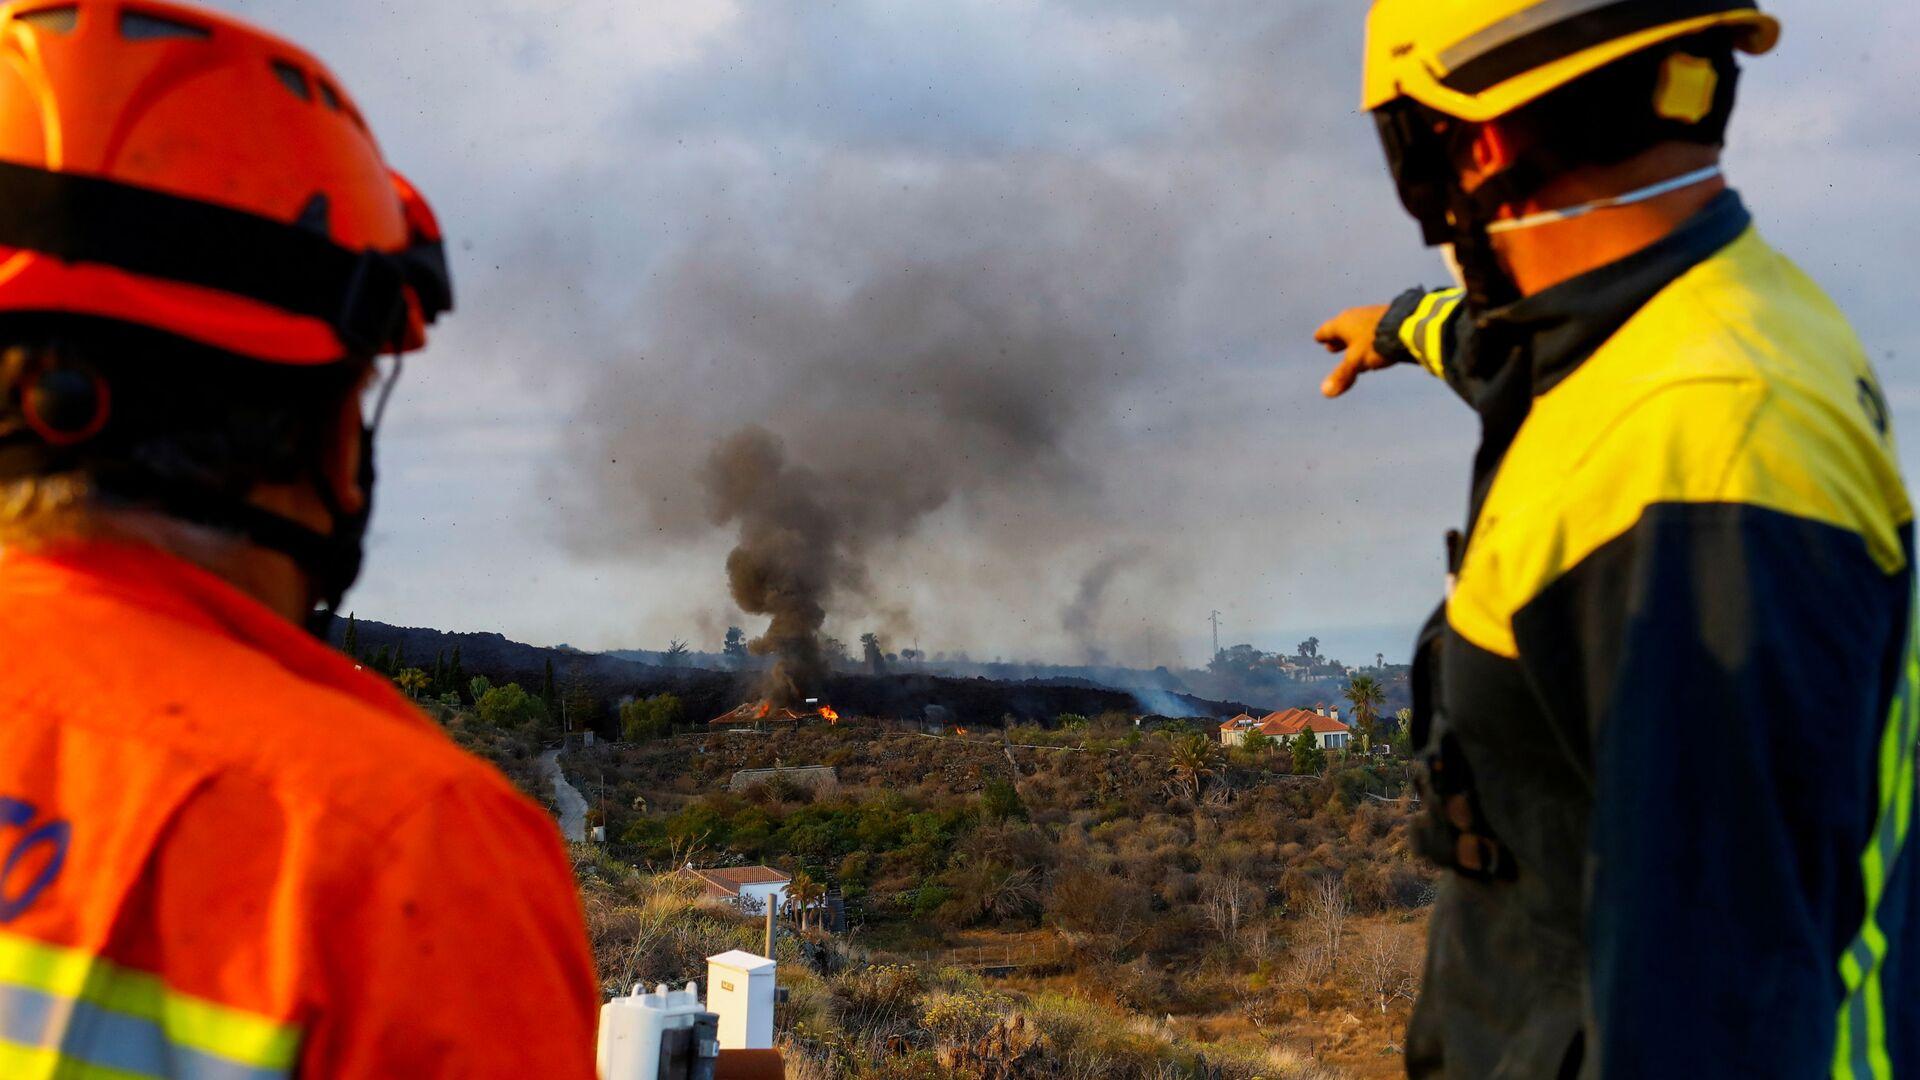 Сотрудник гражданской обороны и пожарный наблюдают, как горит дом из-за лавы в результате извержения вулкана в национальном парке Кумбре-Вьеха, в жилом районе на канарском острове Ла-Пальма - Sputnik Italia, 1920, 27.09.2021